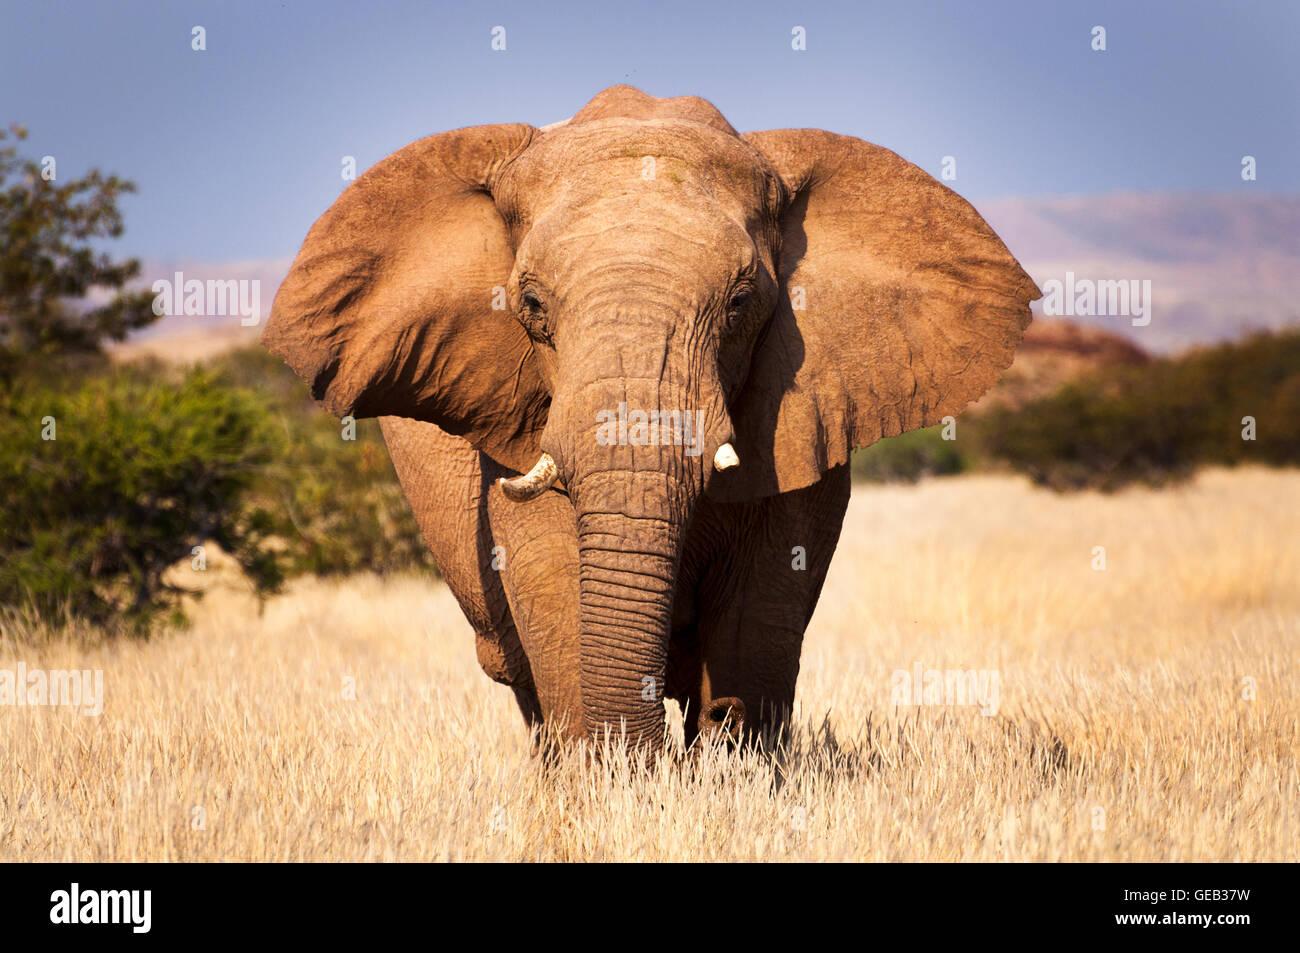 Éléphant dans la savane, en Namibie, l'Afrique, concept pour voyager en Afrique et Safari Photo Stock